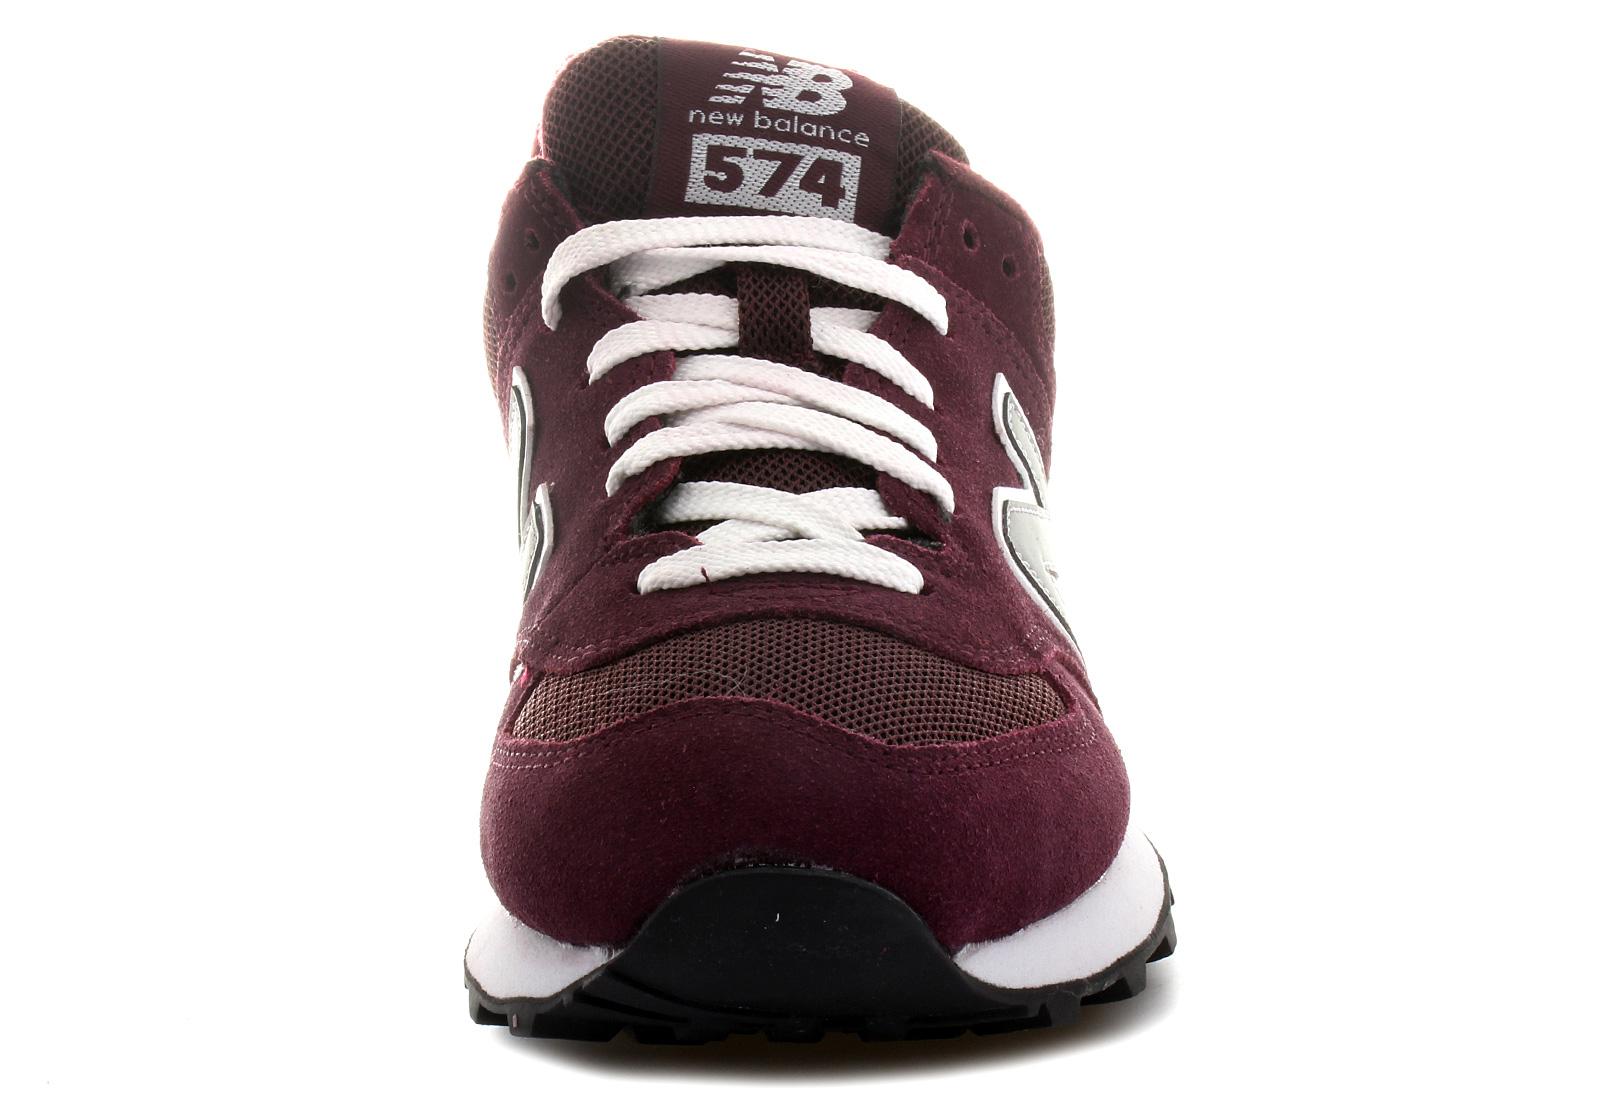 New Balance Cipő - M574 - M574NBU - Office Shoes Magyarország 24bd8c24be